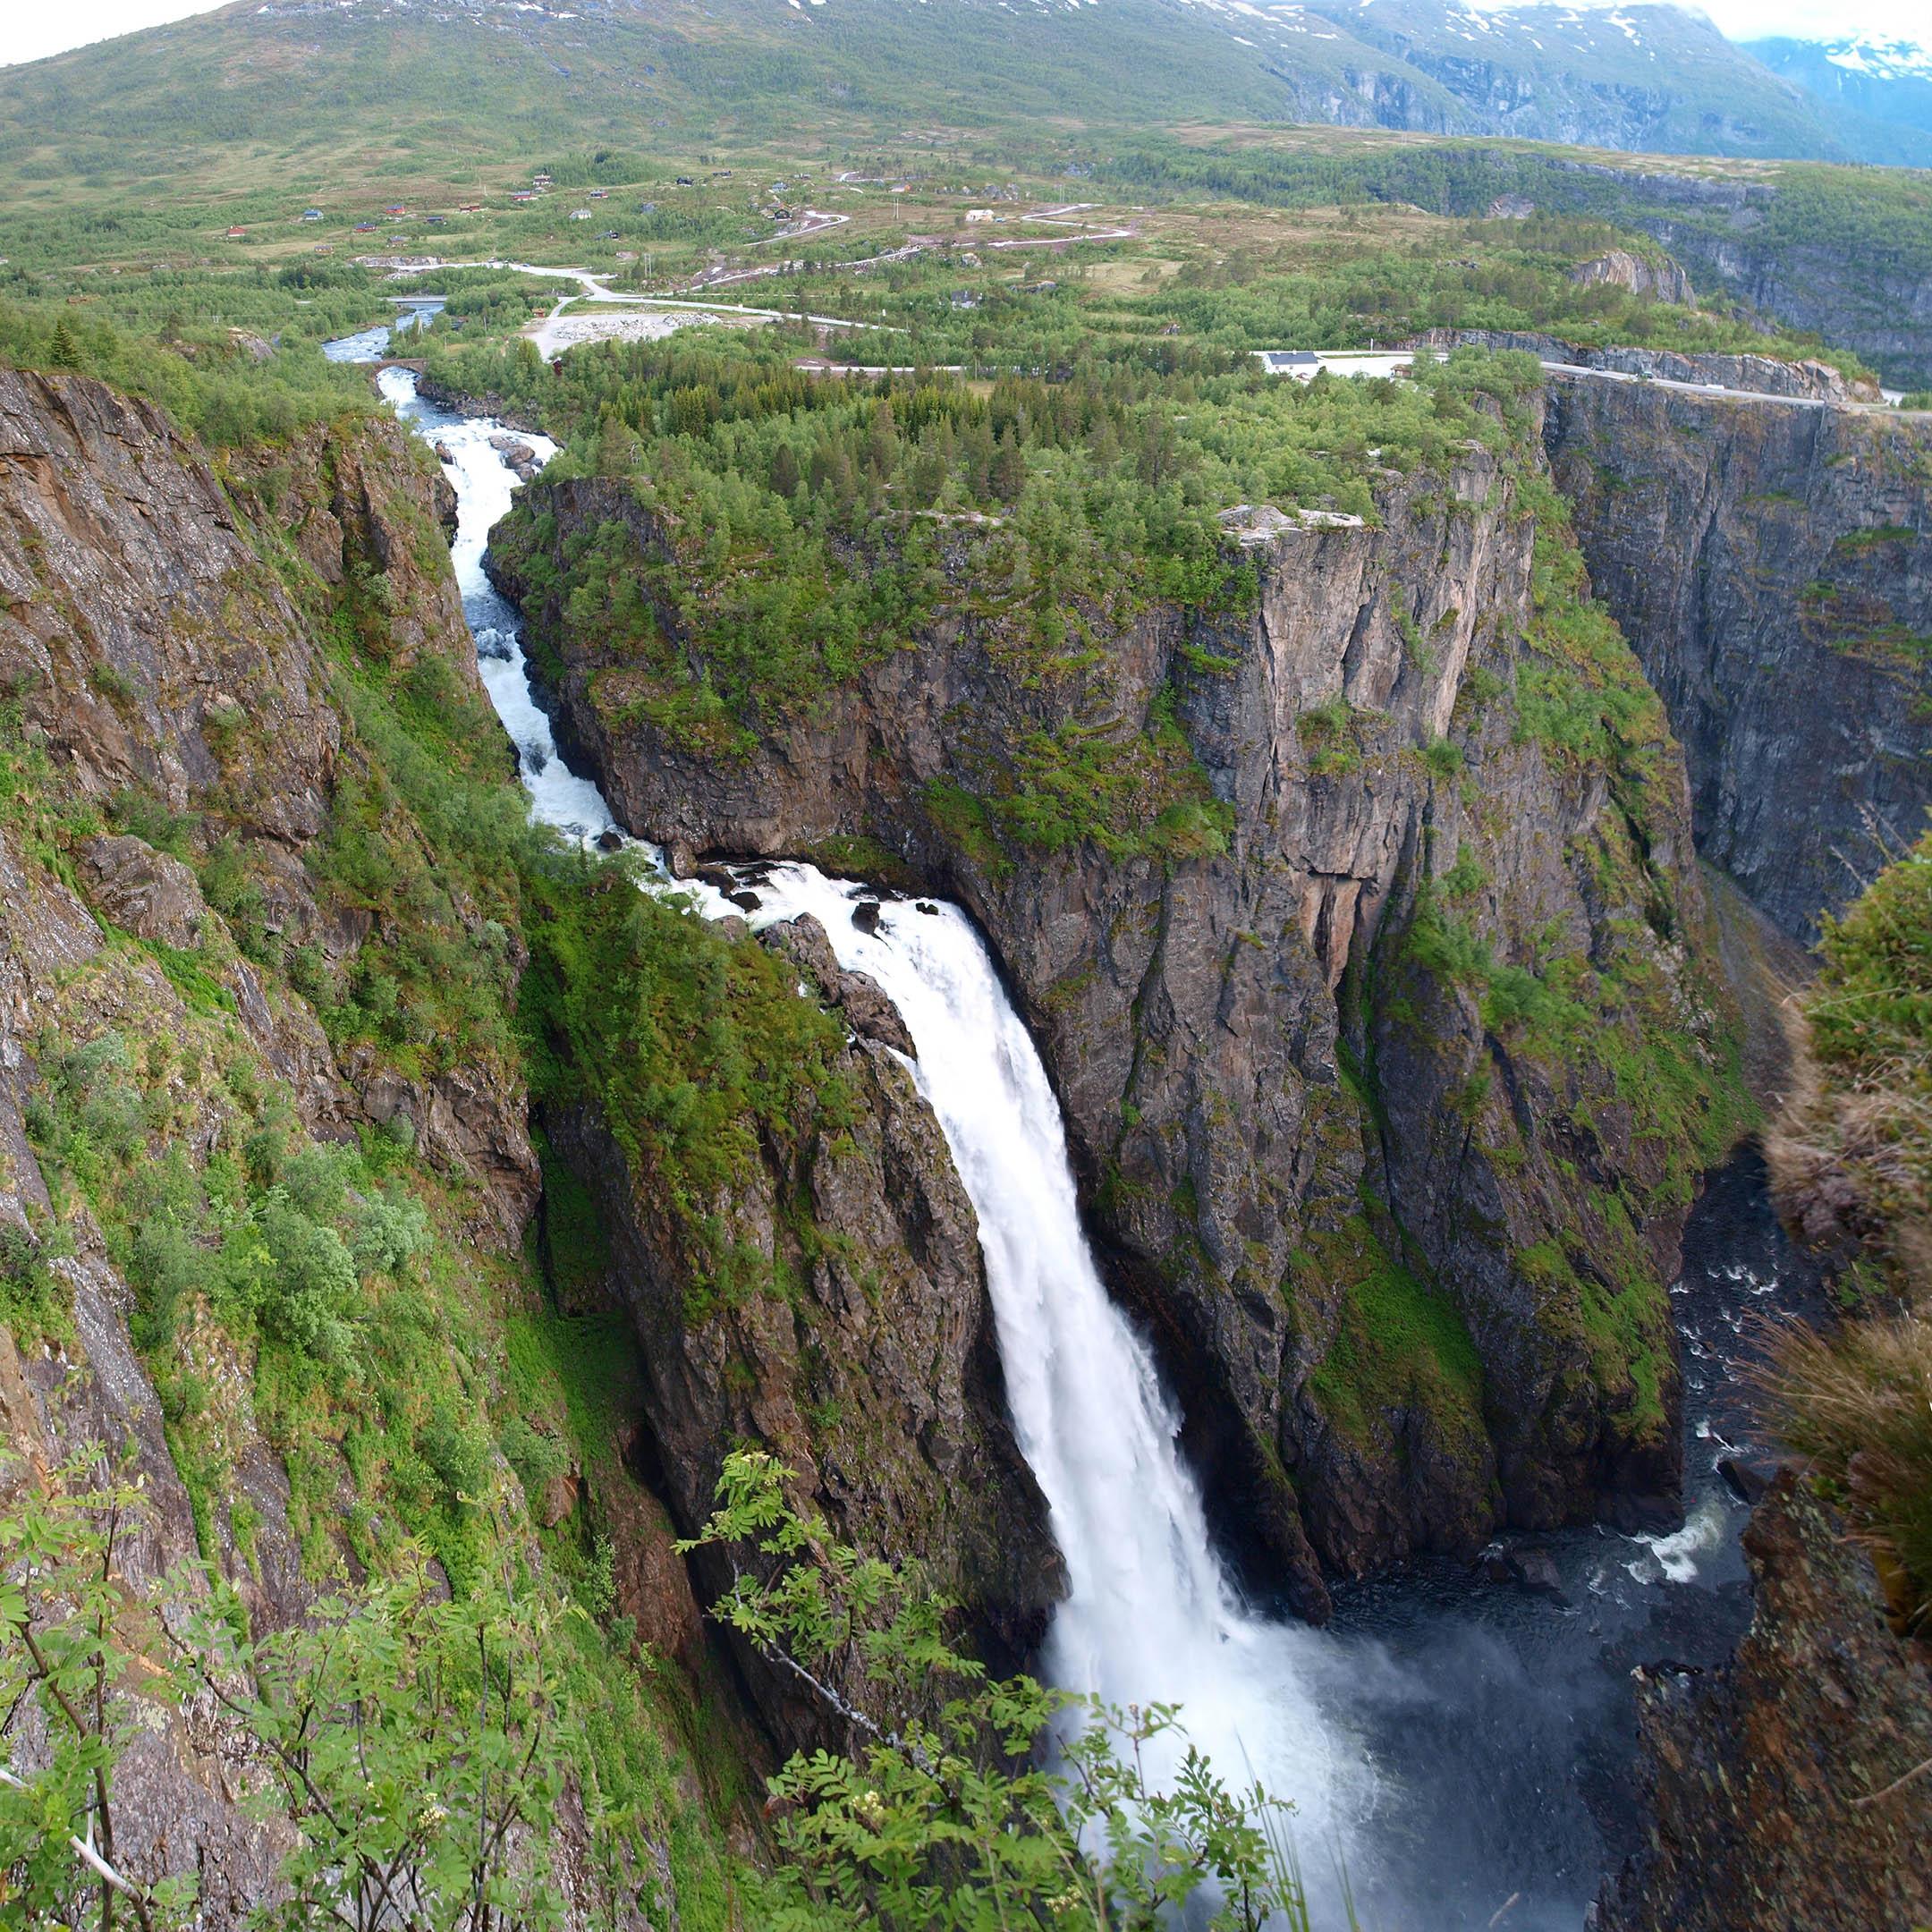 Ett av Norges mest berömda vattenfall, Vøringsfossen, omgärdas av ett enormt rör när Tesla bygger en fabrik som ska drivas av vattenkraft. Foto: Creative Commons